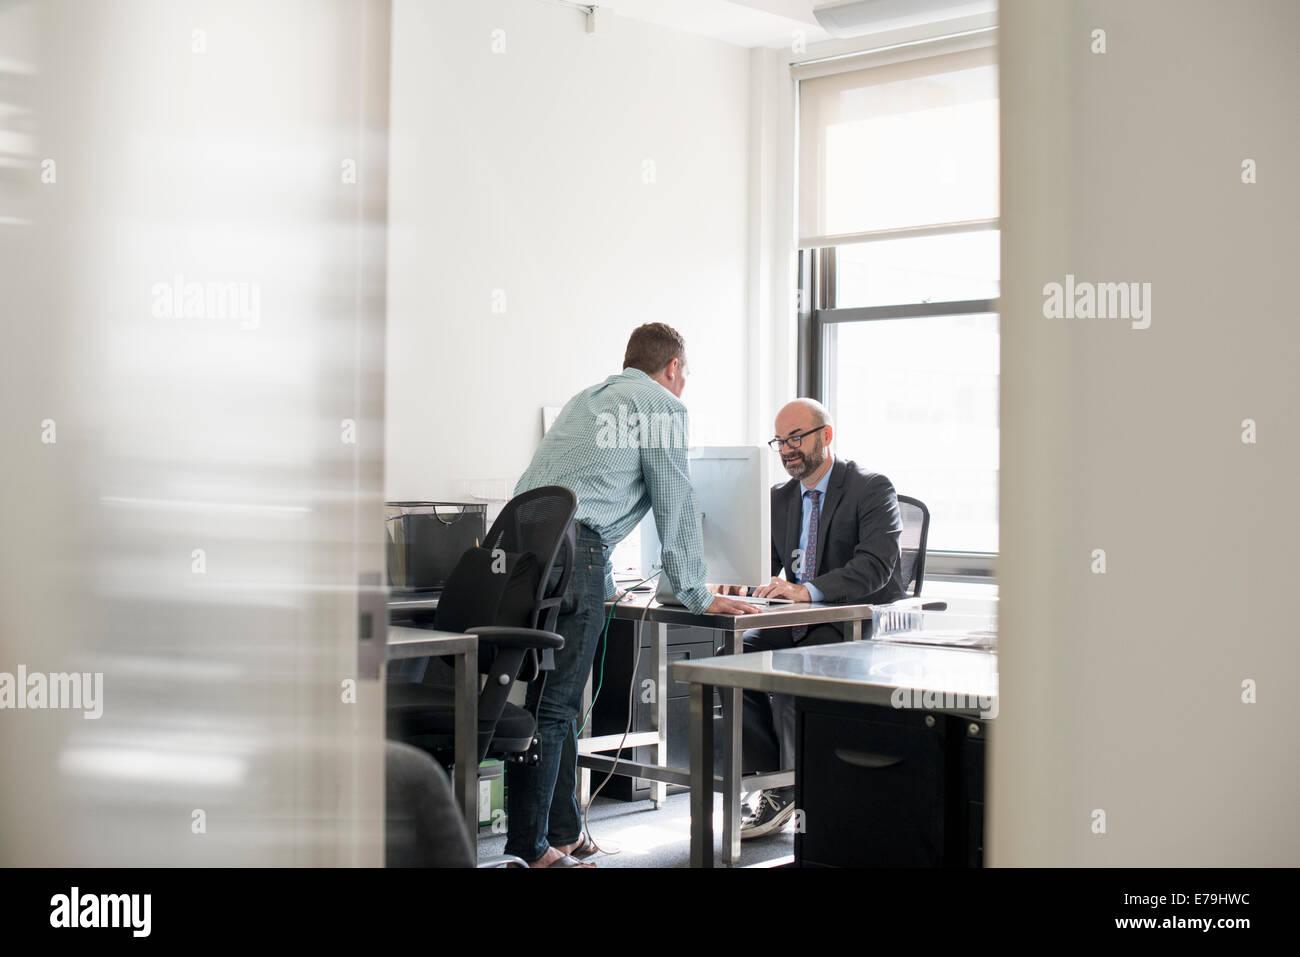 Vida de oficina. Dos personas hablando entre sí a través de un escritorio. Imagen De Stock